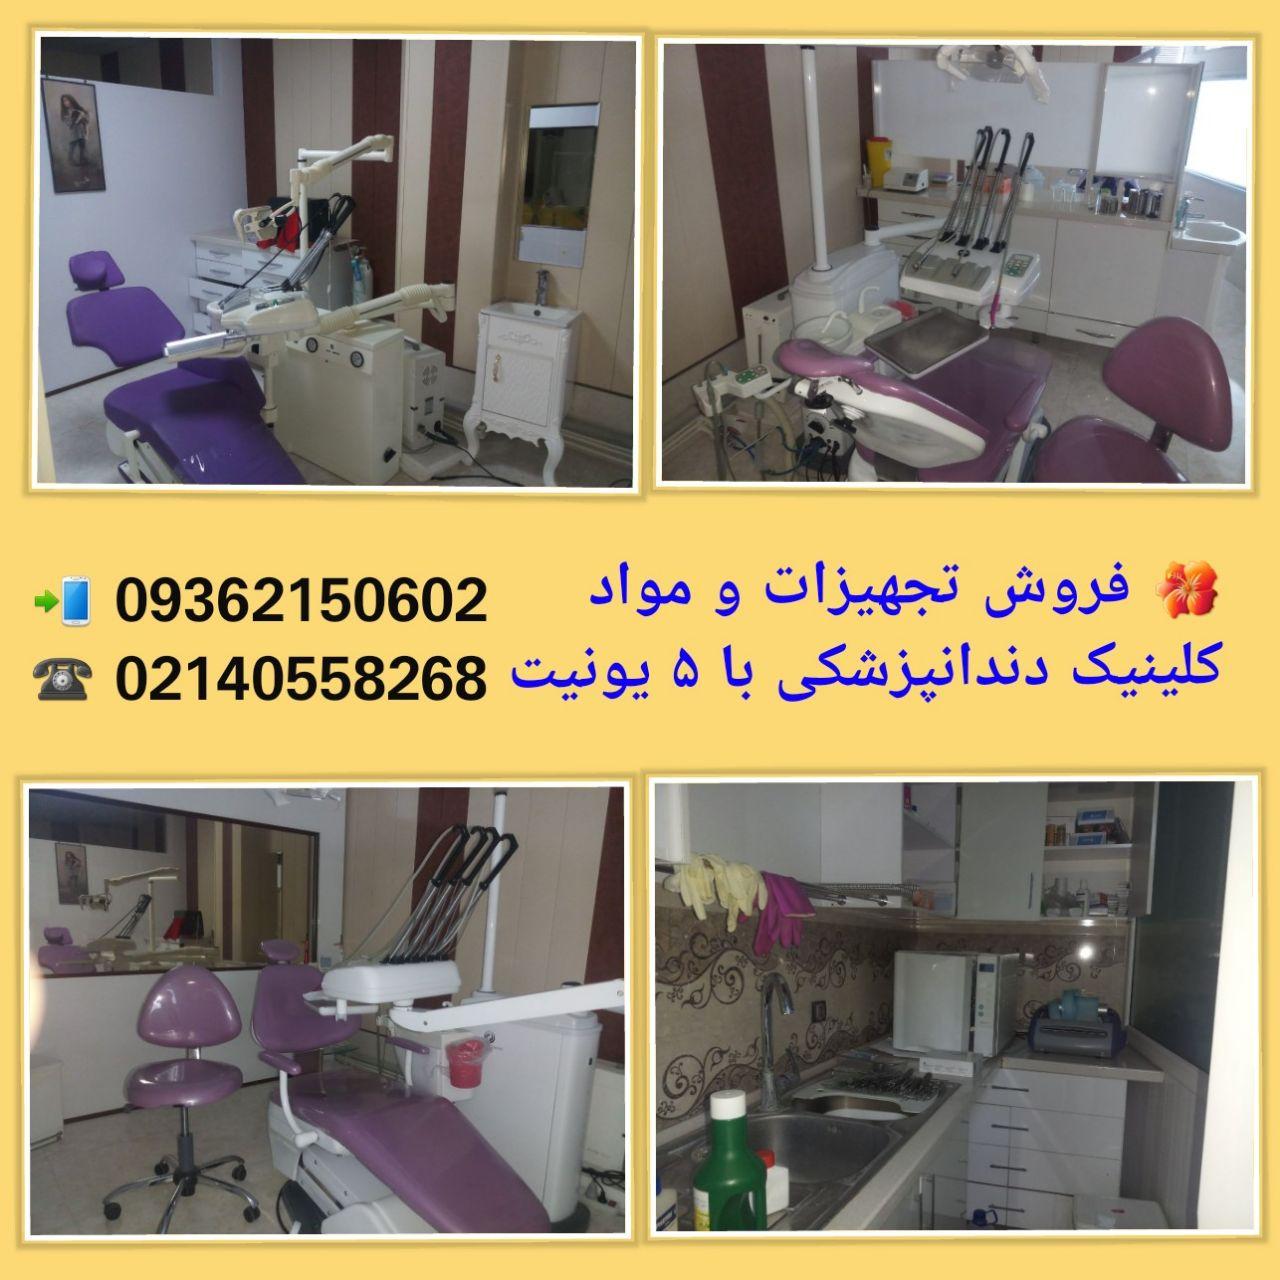 فروش مواد و تجهیزات کلینیک دندانپزشکی